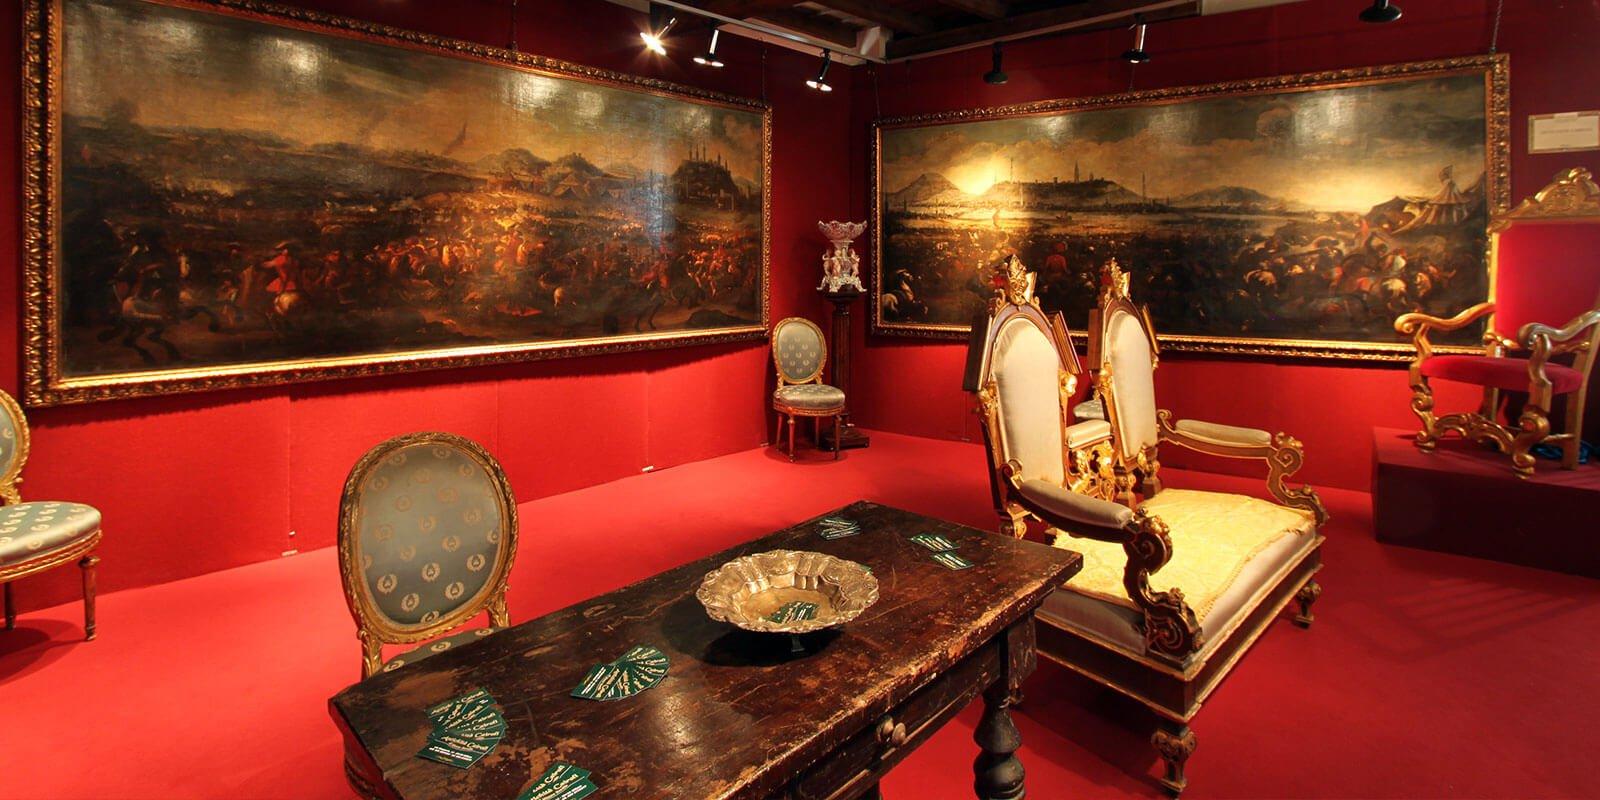 Villacastelbarco | Antiquariato, location eventi mostre lombardia